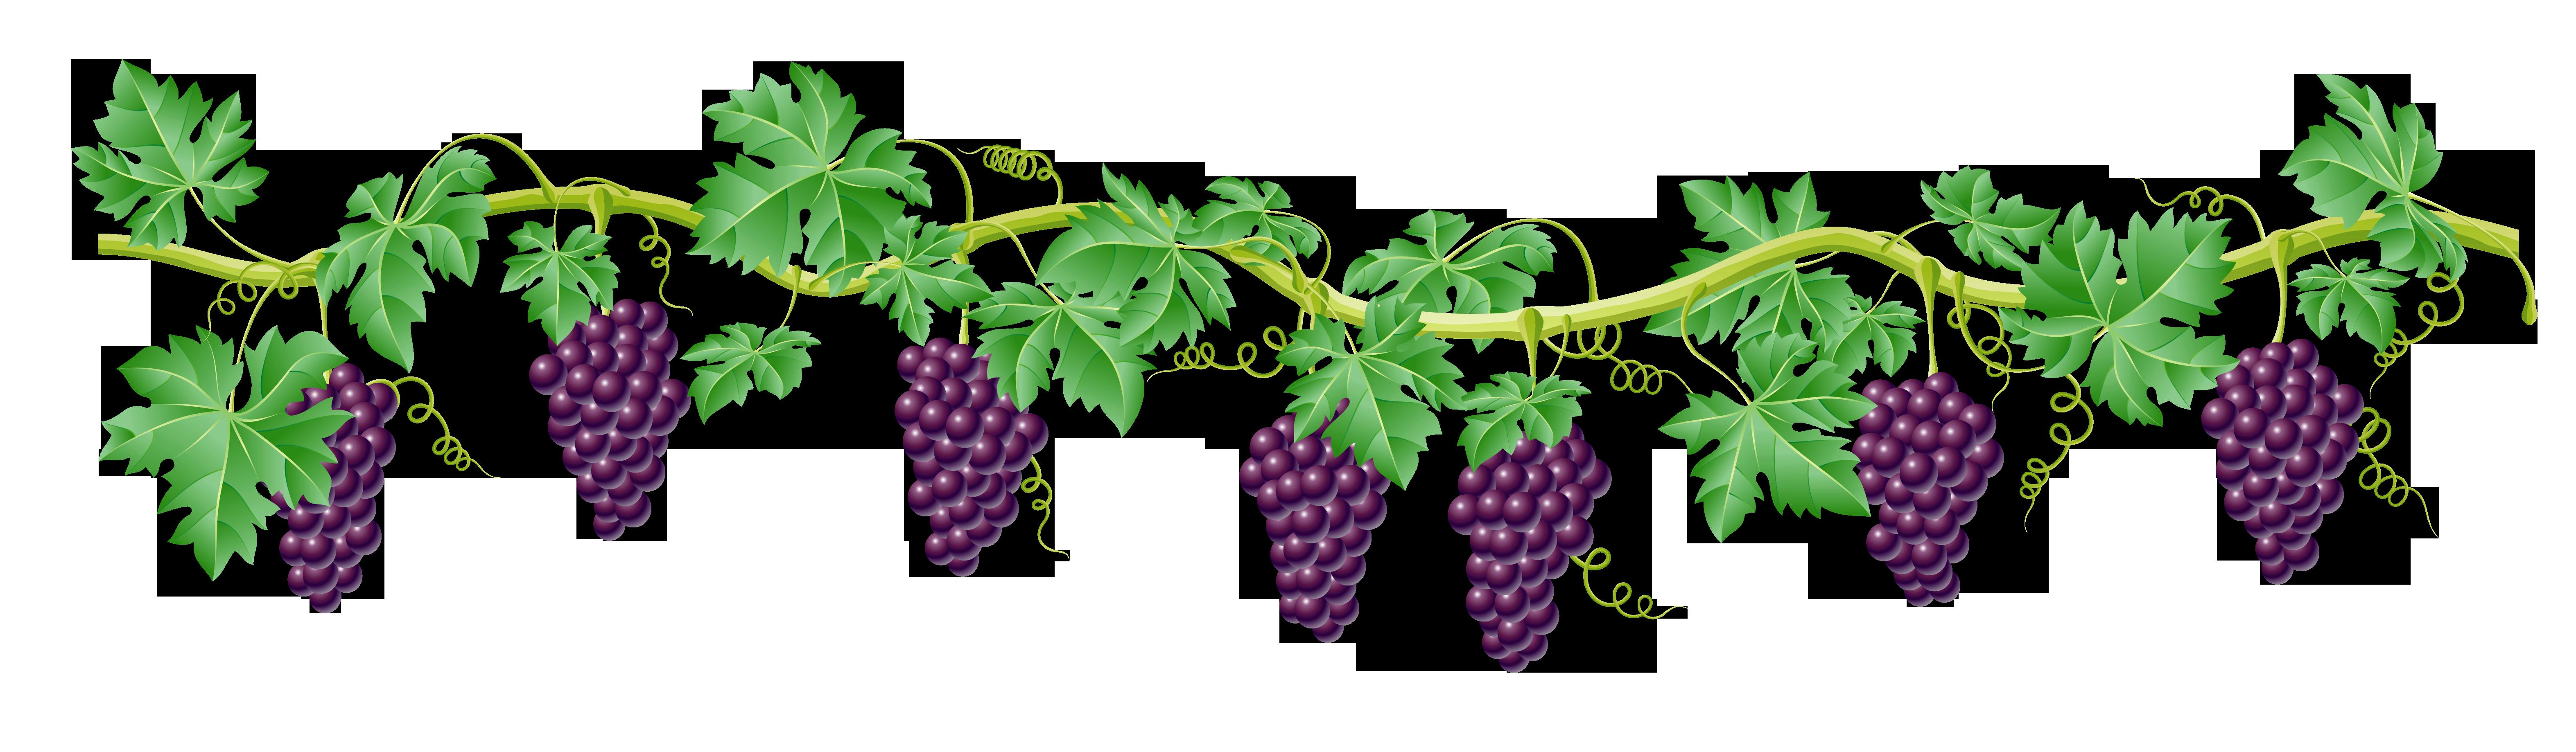 Vines clipart flowering vine. Decorative element png picture